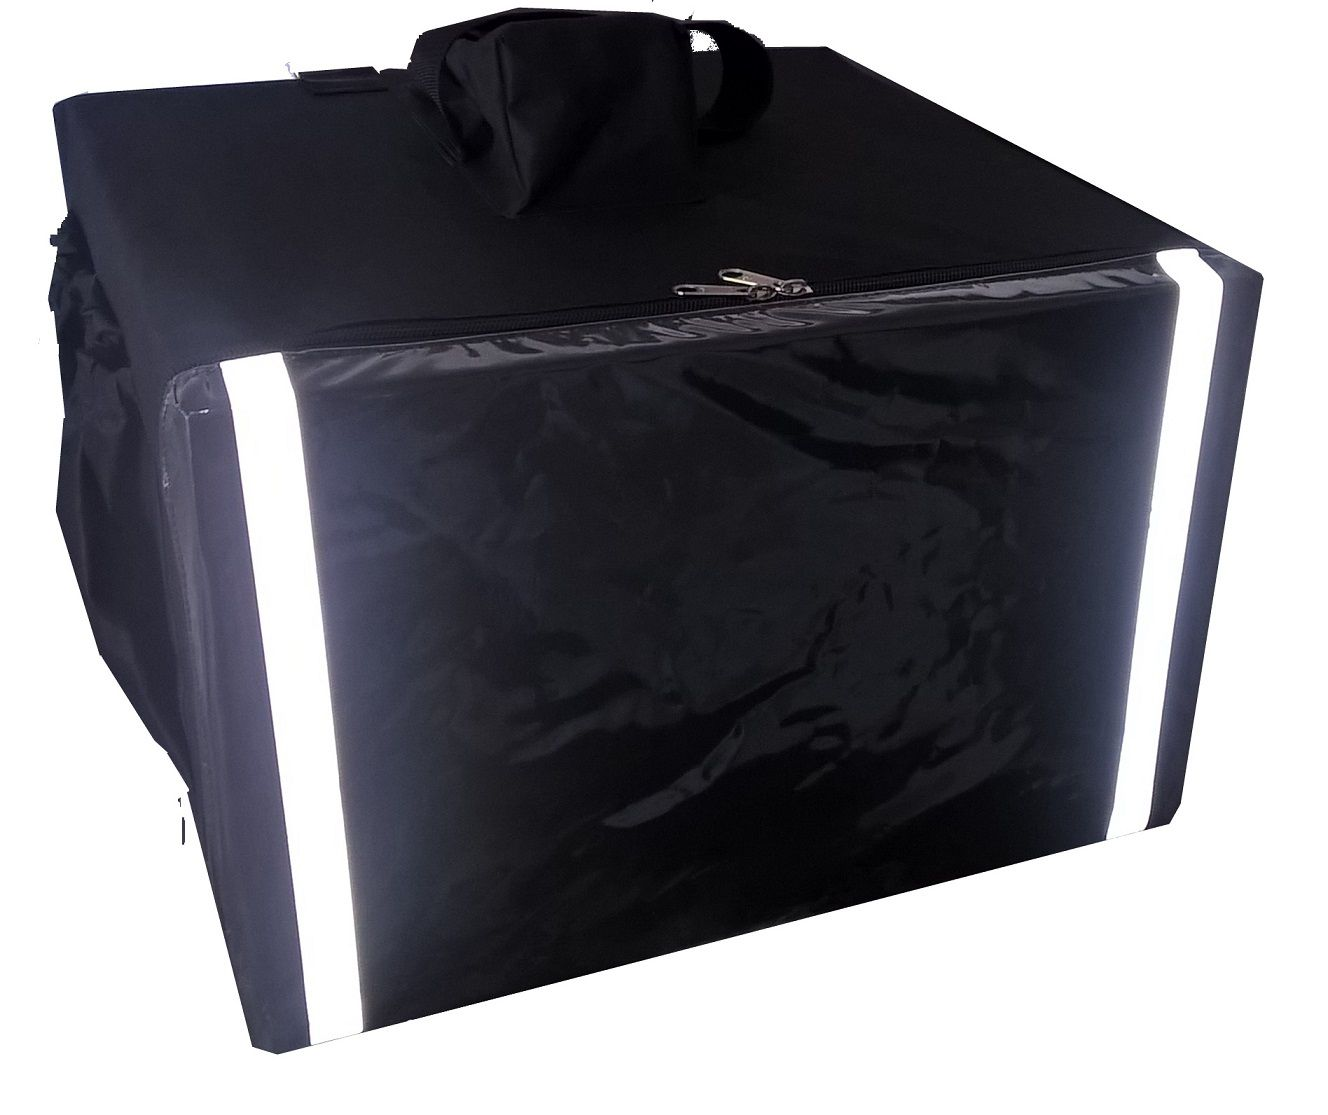 Bolsa Mochila Para Entrega De Pizza Térmica Motoboy Com Caixa de Isopor 3 Divisórias 40cm 44cm 50cm 53cm  - lisandro do amaral